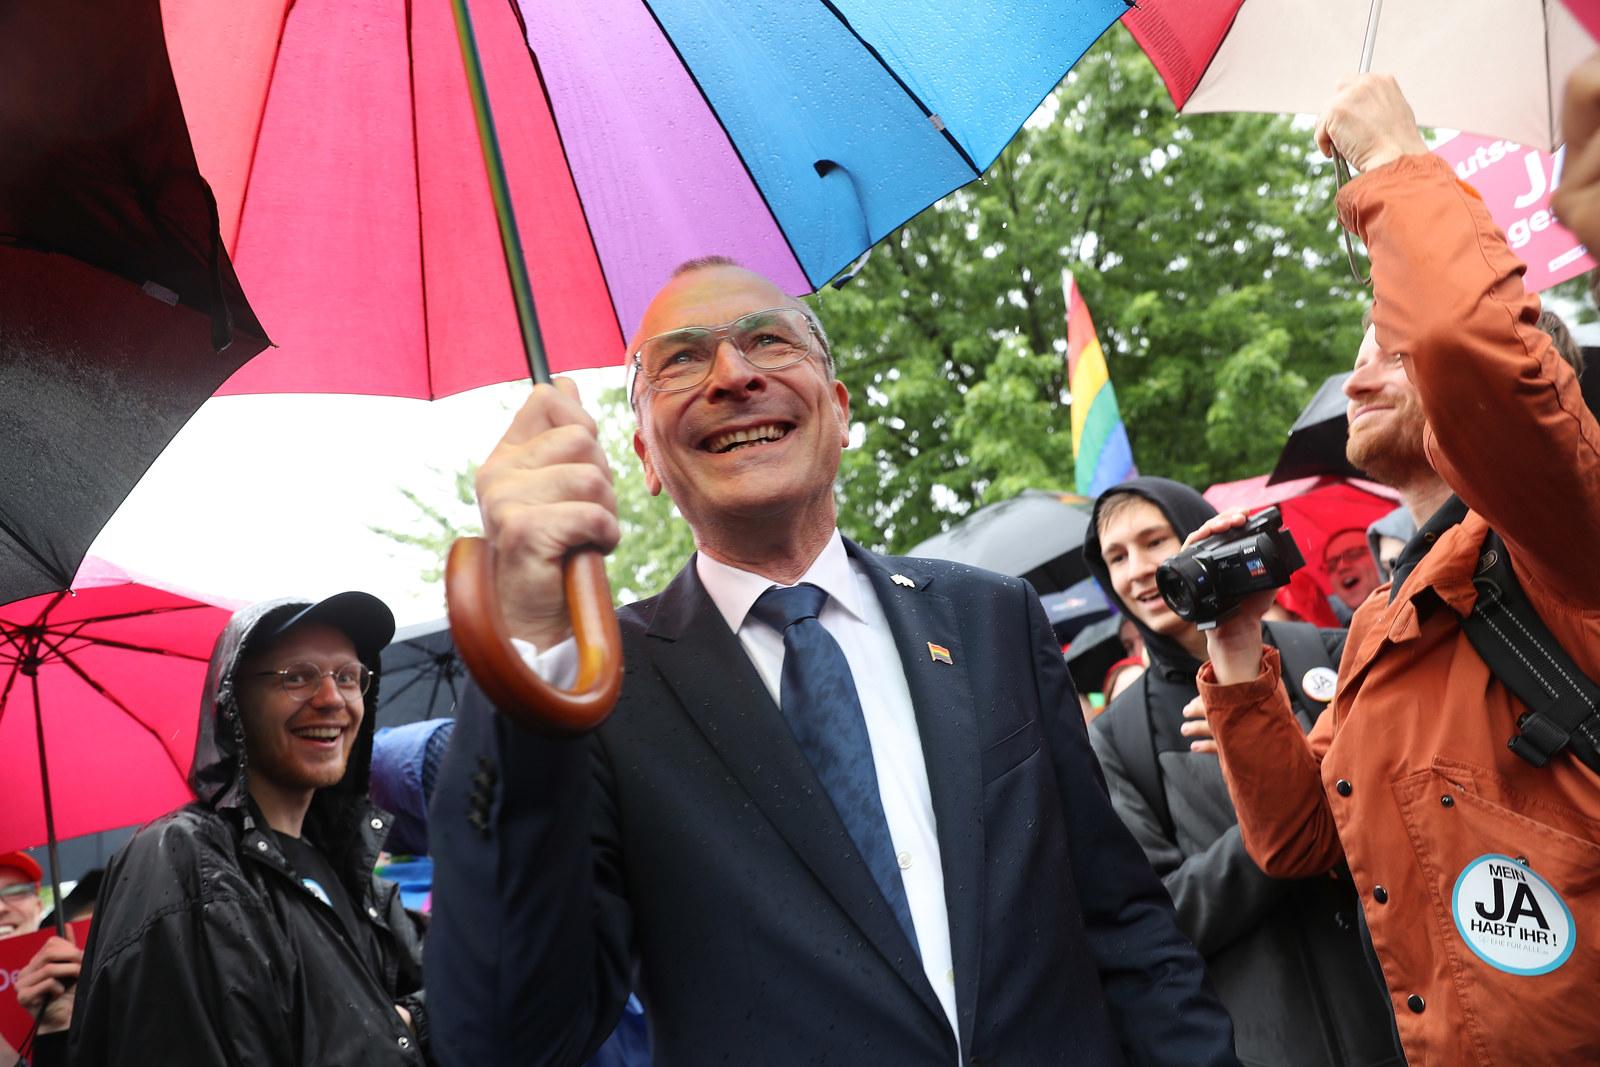 erstes Land die gleichgeschlechtliche Ehe